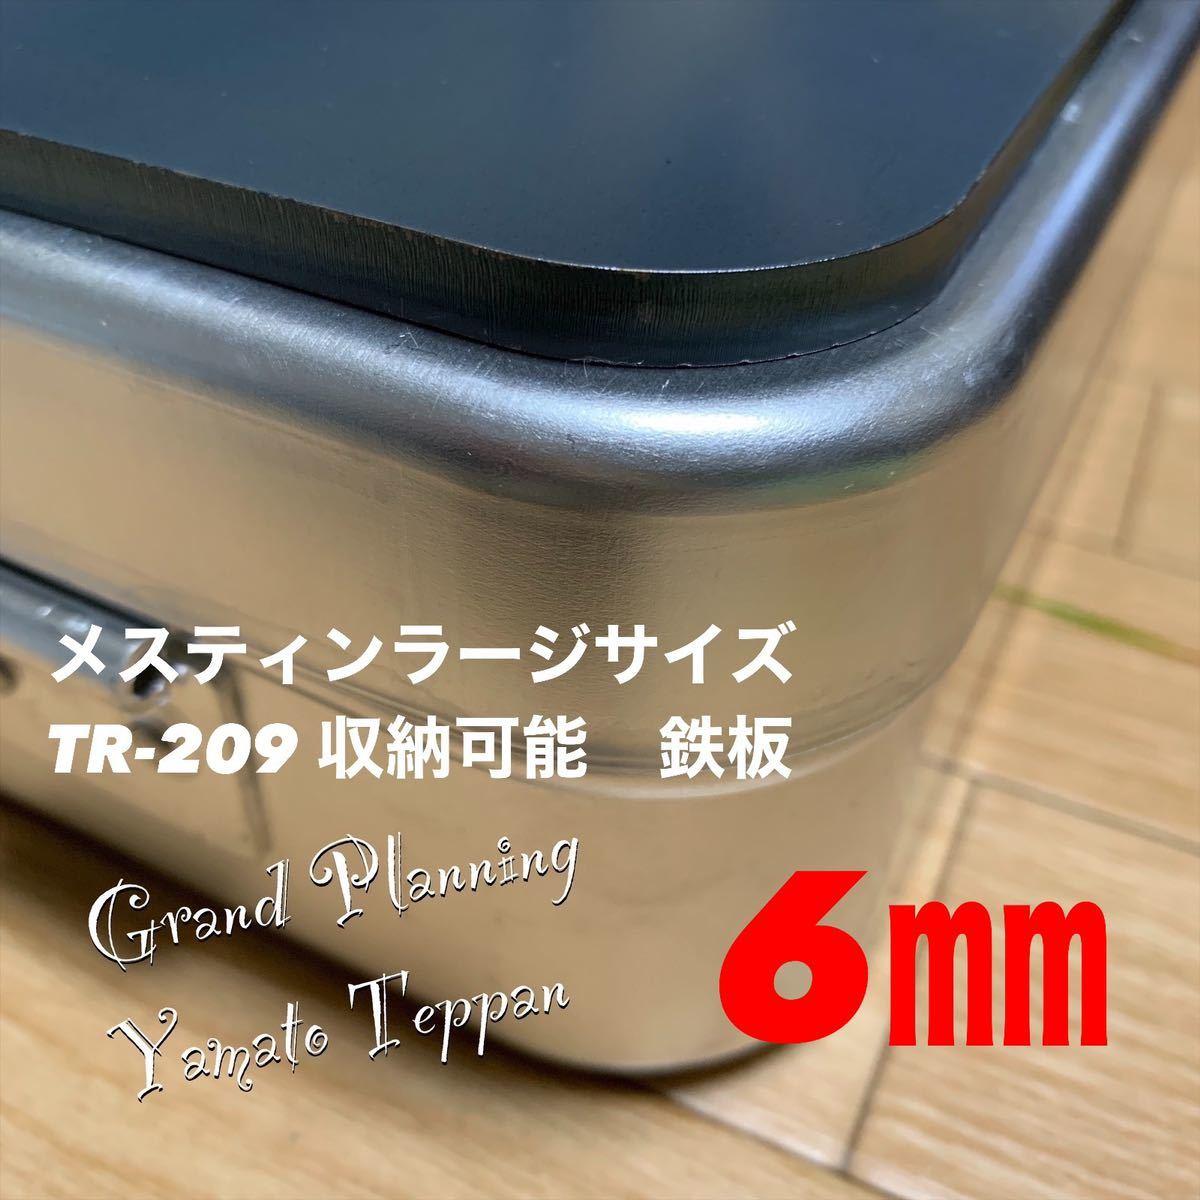 6ミリ トランギア メスティン ラージ 収納サイズ 鉄板 大和鉄板 ソロキャンプ バイクツーリング ソロ鉄板 送料込み 鉄板のみ